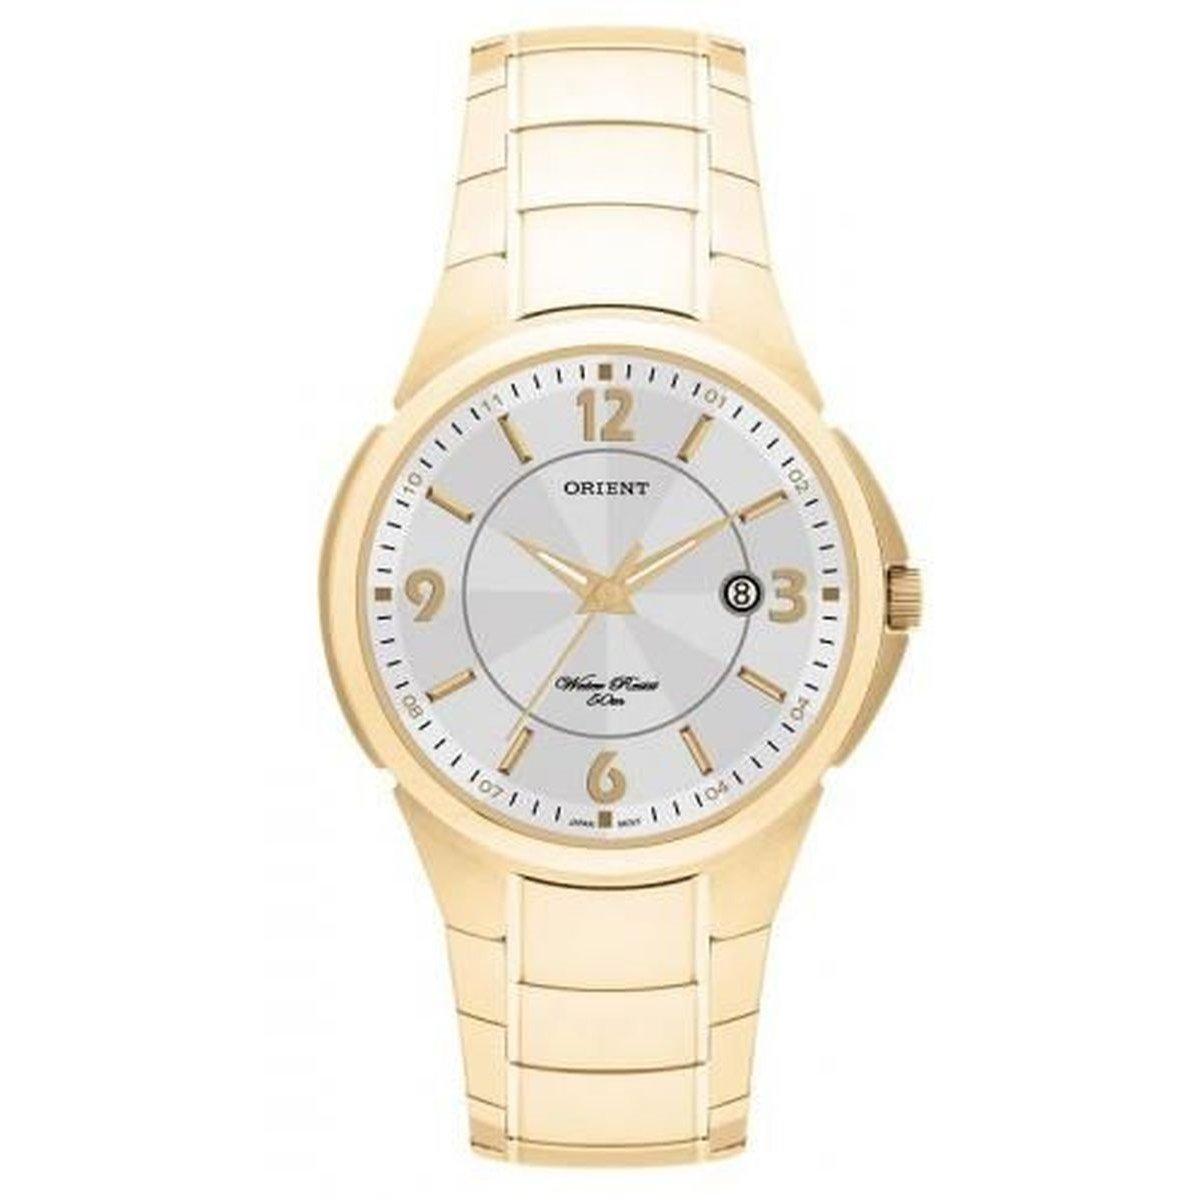 7cfdc380384 Relógio Orient Masculino Analofico - Dourado - Compre Agora